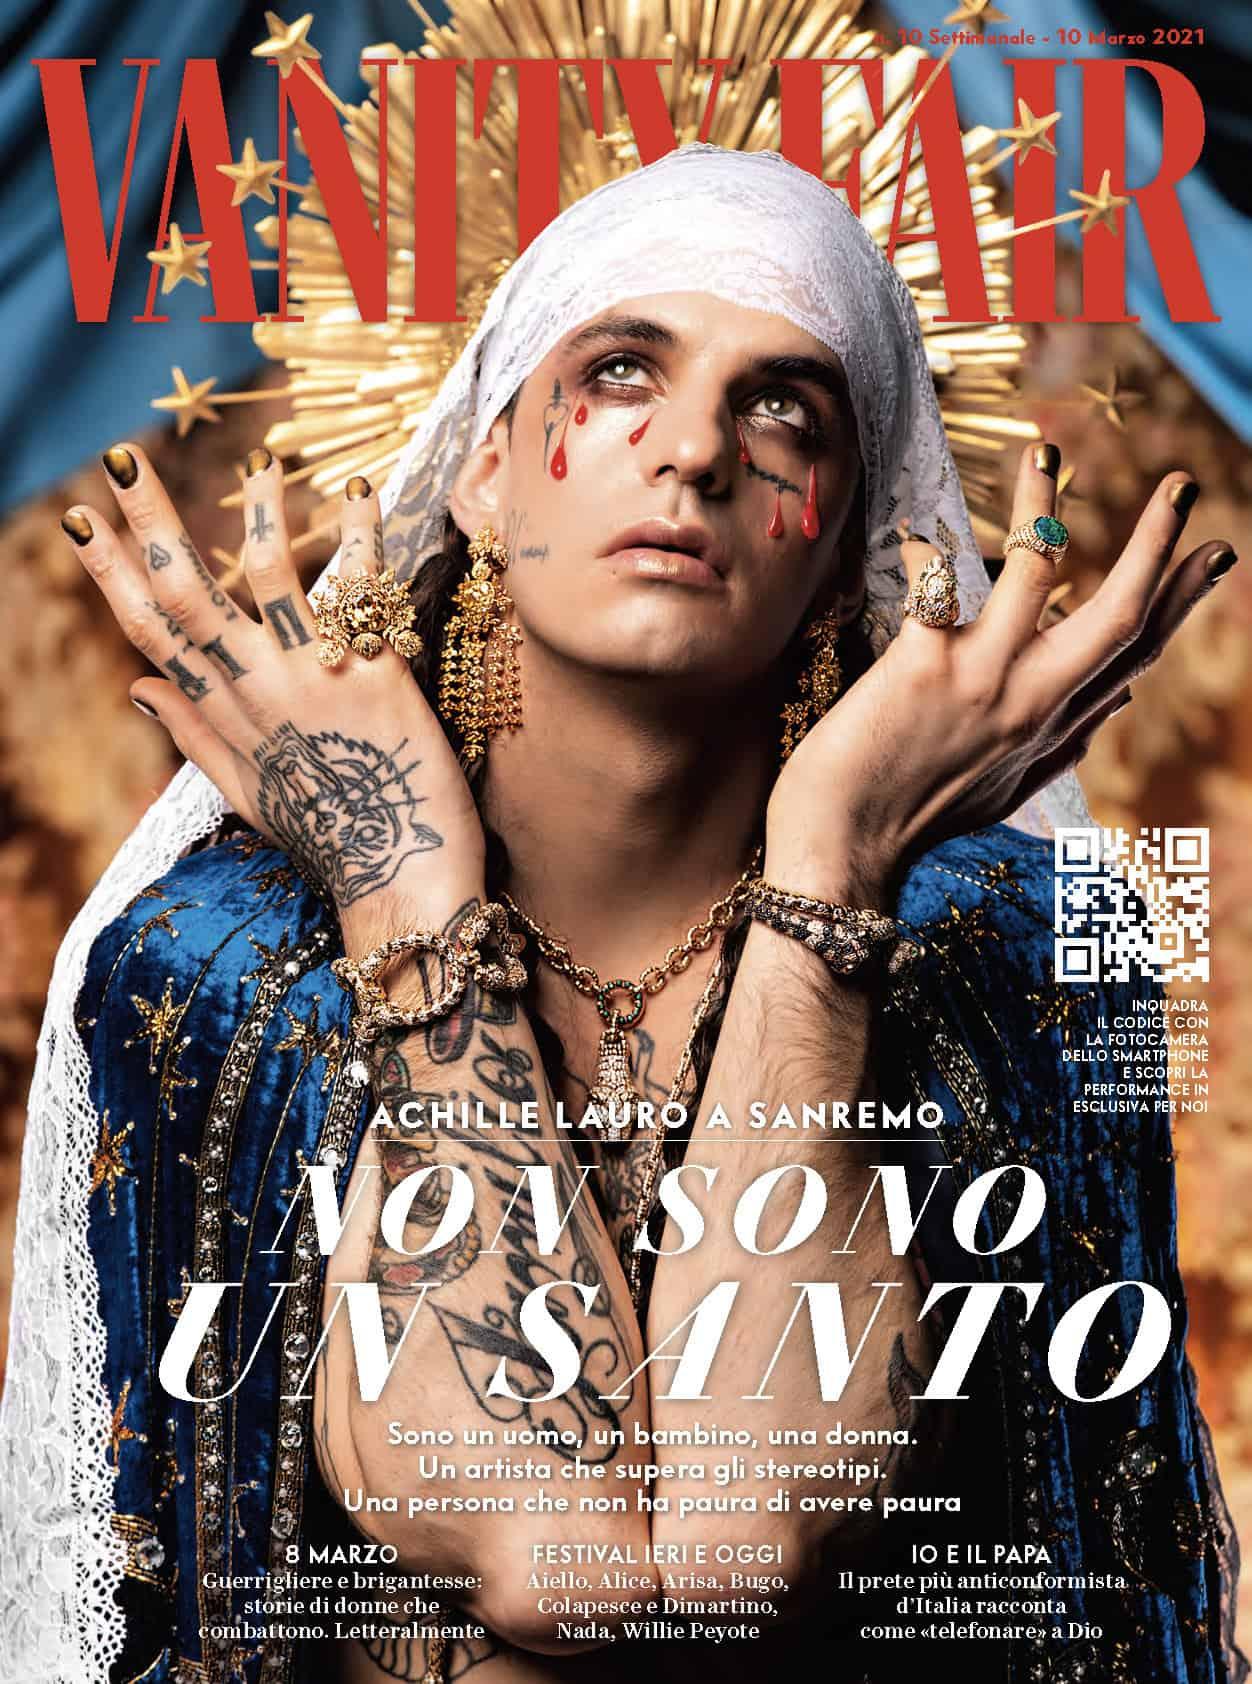 """Achille Lauro sulla cover di Vanity Fair come un'icona religiosa: """"Scelgo la donna estremo simbolo di libertà"""""""